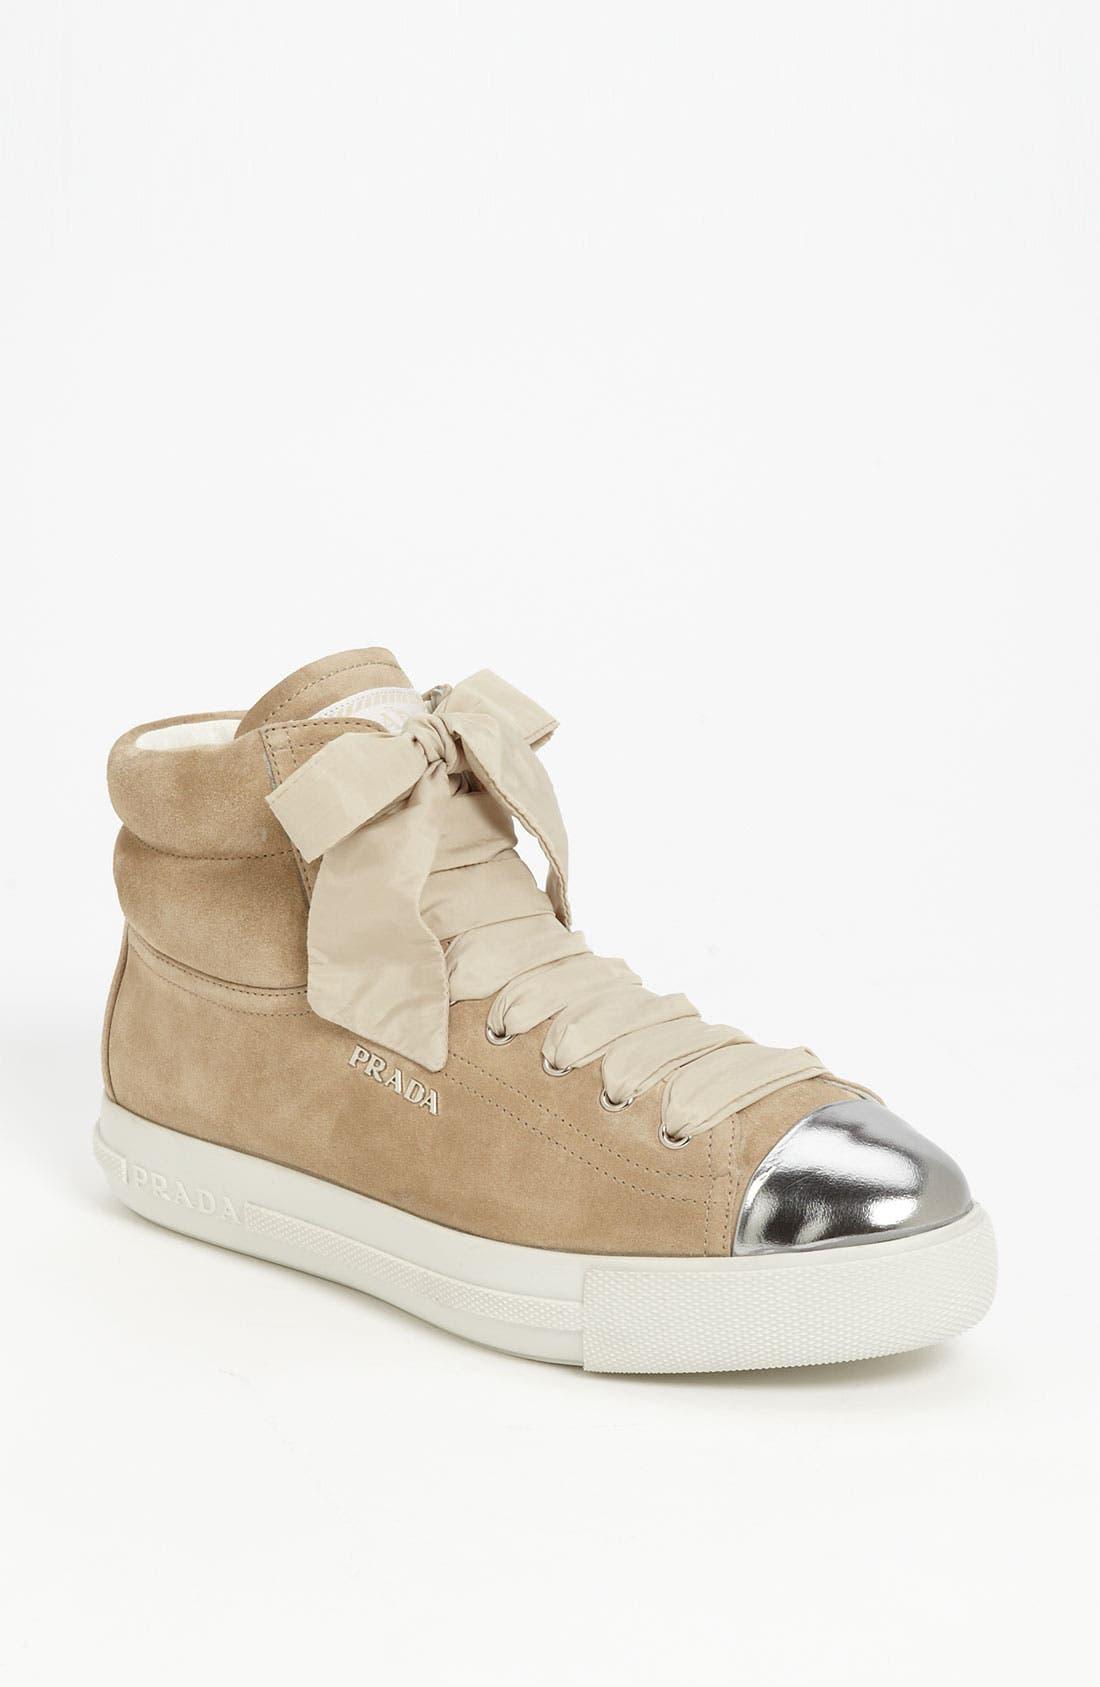 Main Image - Prada High Sneaker